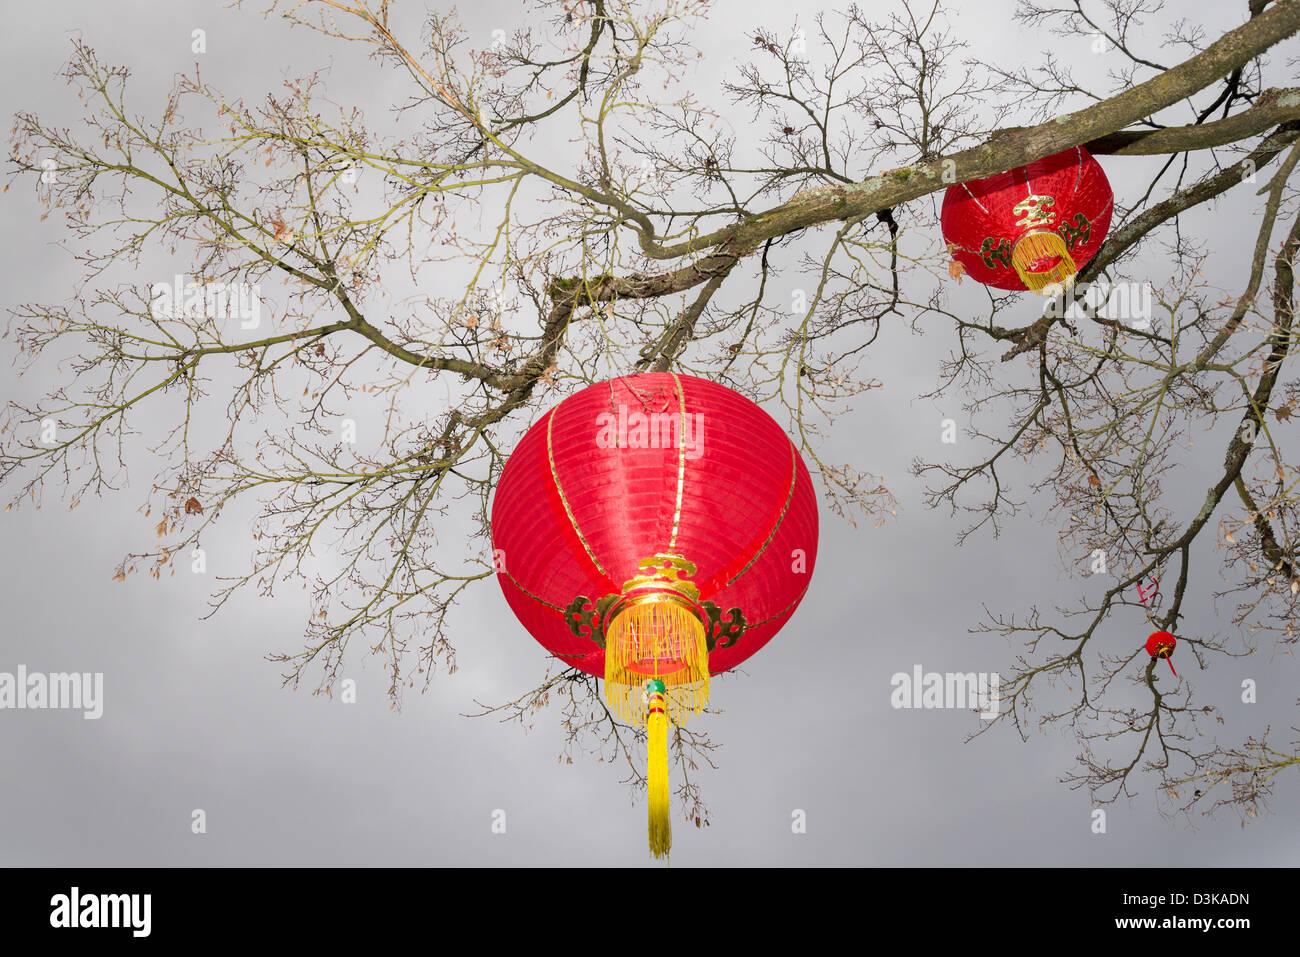 Lanternes rouges, Dr Sun Yat Sen Park et jardins, Chinatown, Vancouver, British Columbia, Canada Photo Stock